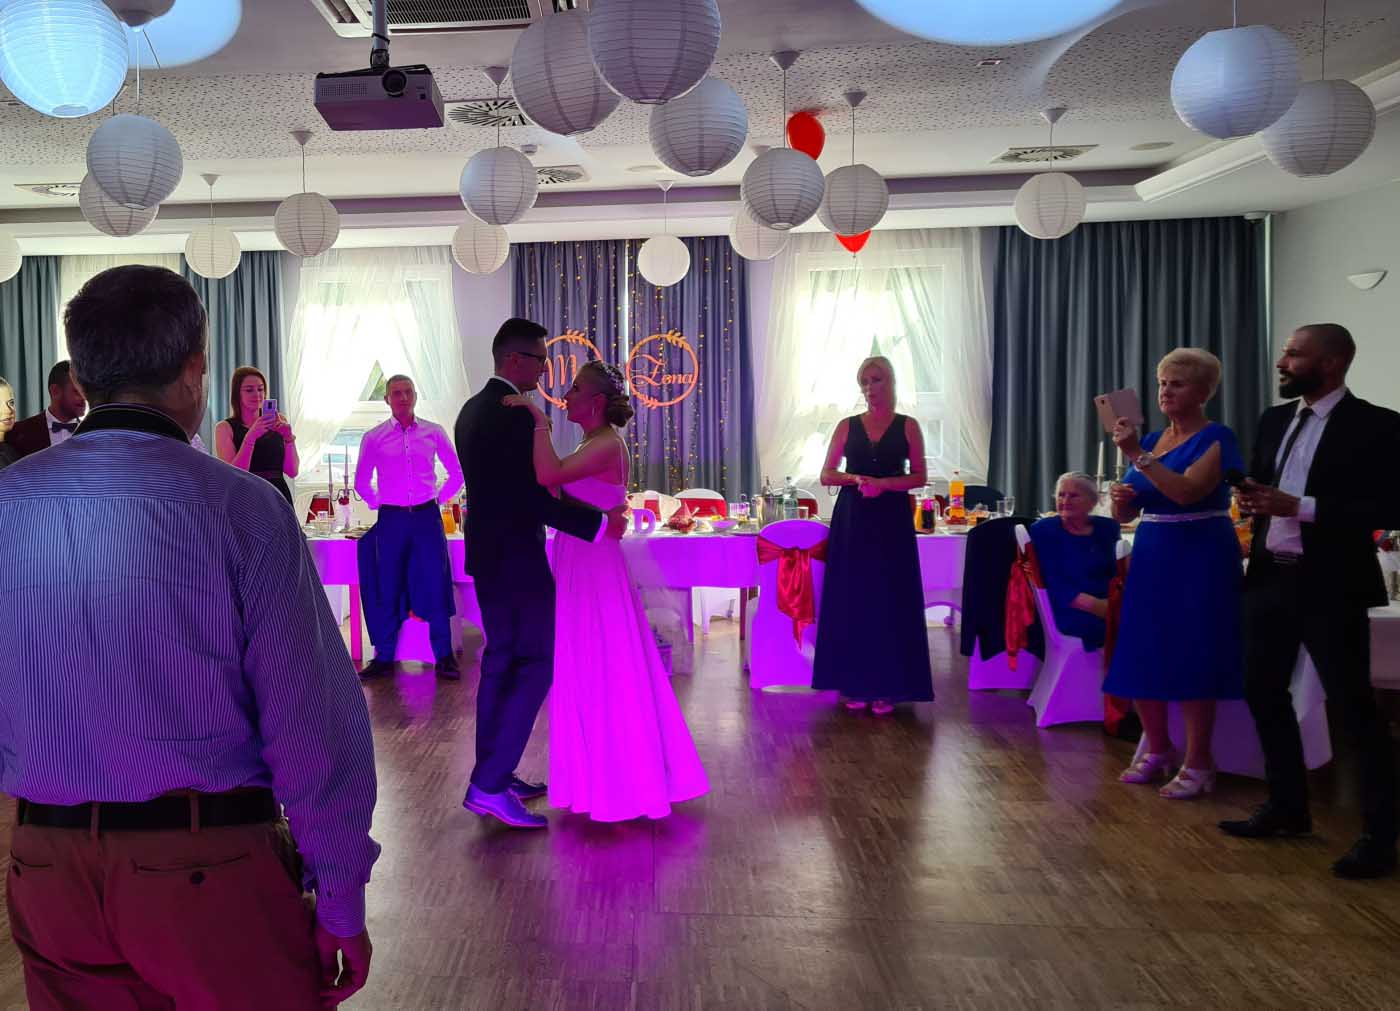 Przyjęcie weselne Darii i Dawida Restauracja Garden Oleśnica, dj na wesele, oprawa muzyczna wesela, DJ Oleśnica, DJ na wesele Oleśnica, Muzyka na wesele Oleśnica, Garden Oleśnica, Wesele Oleśnica